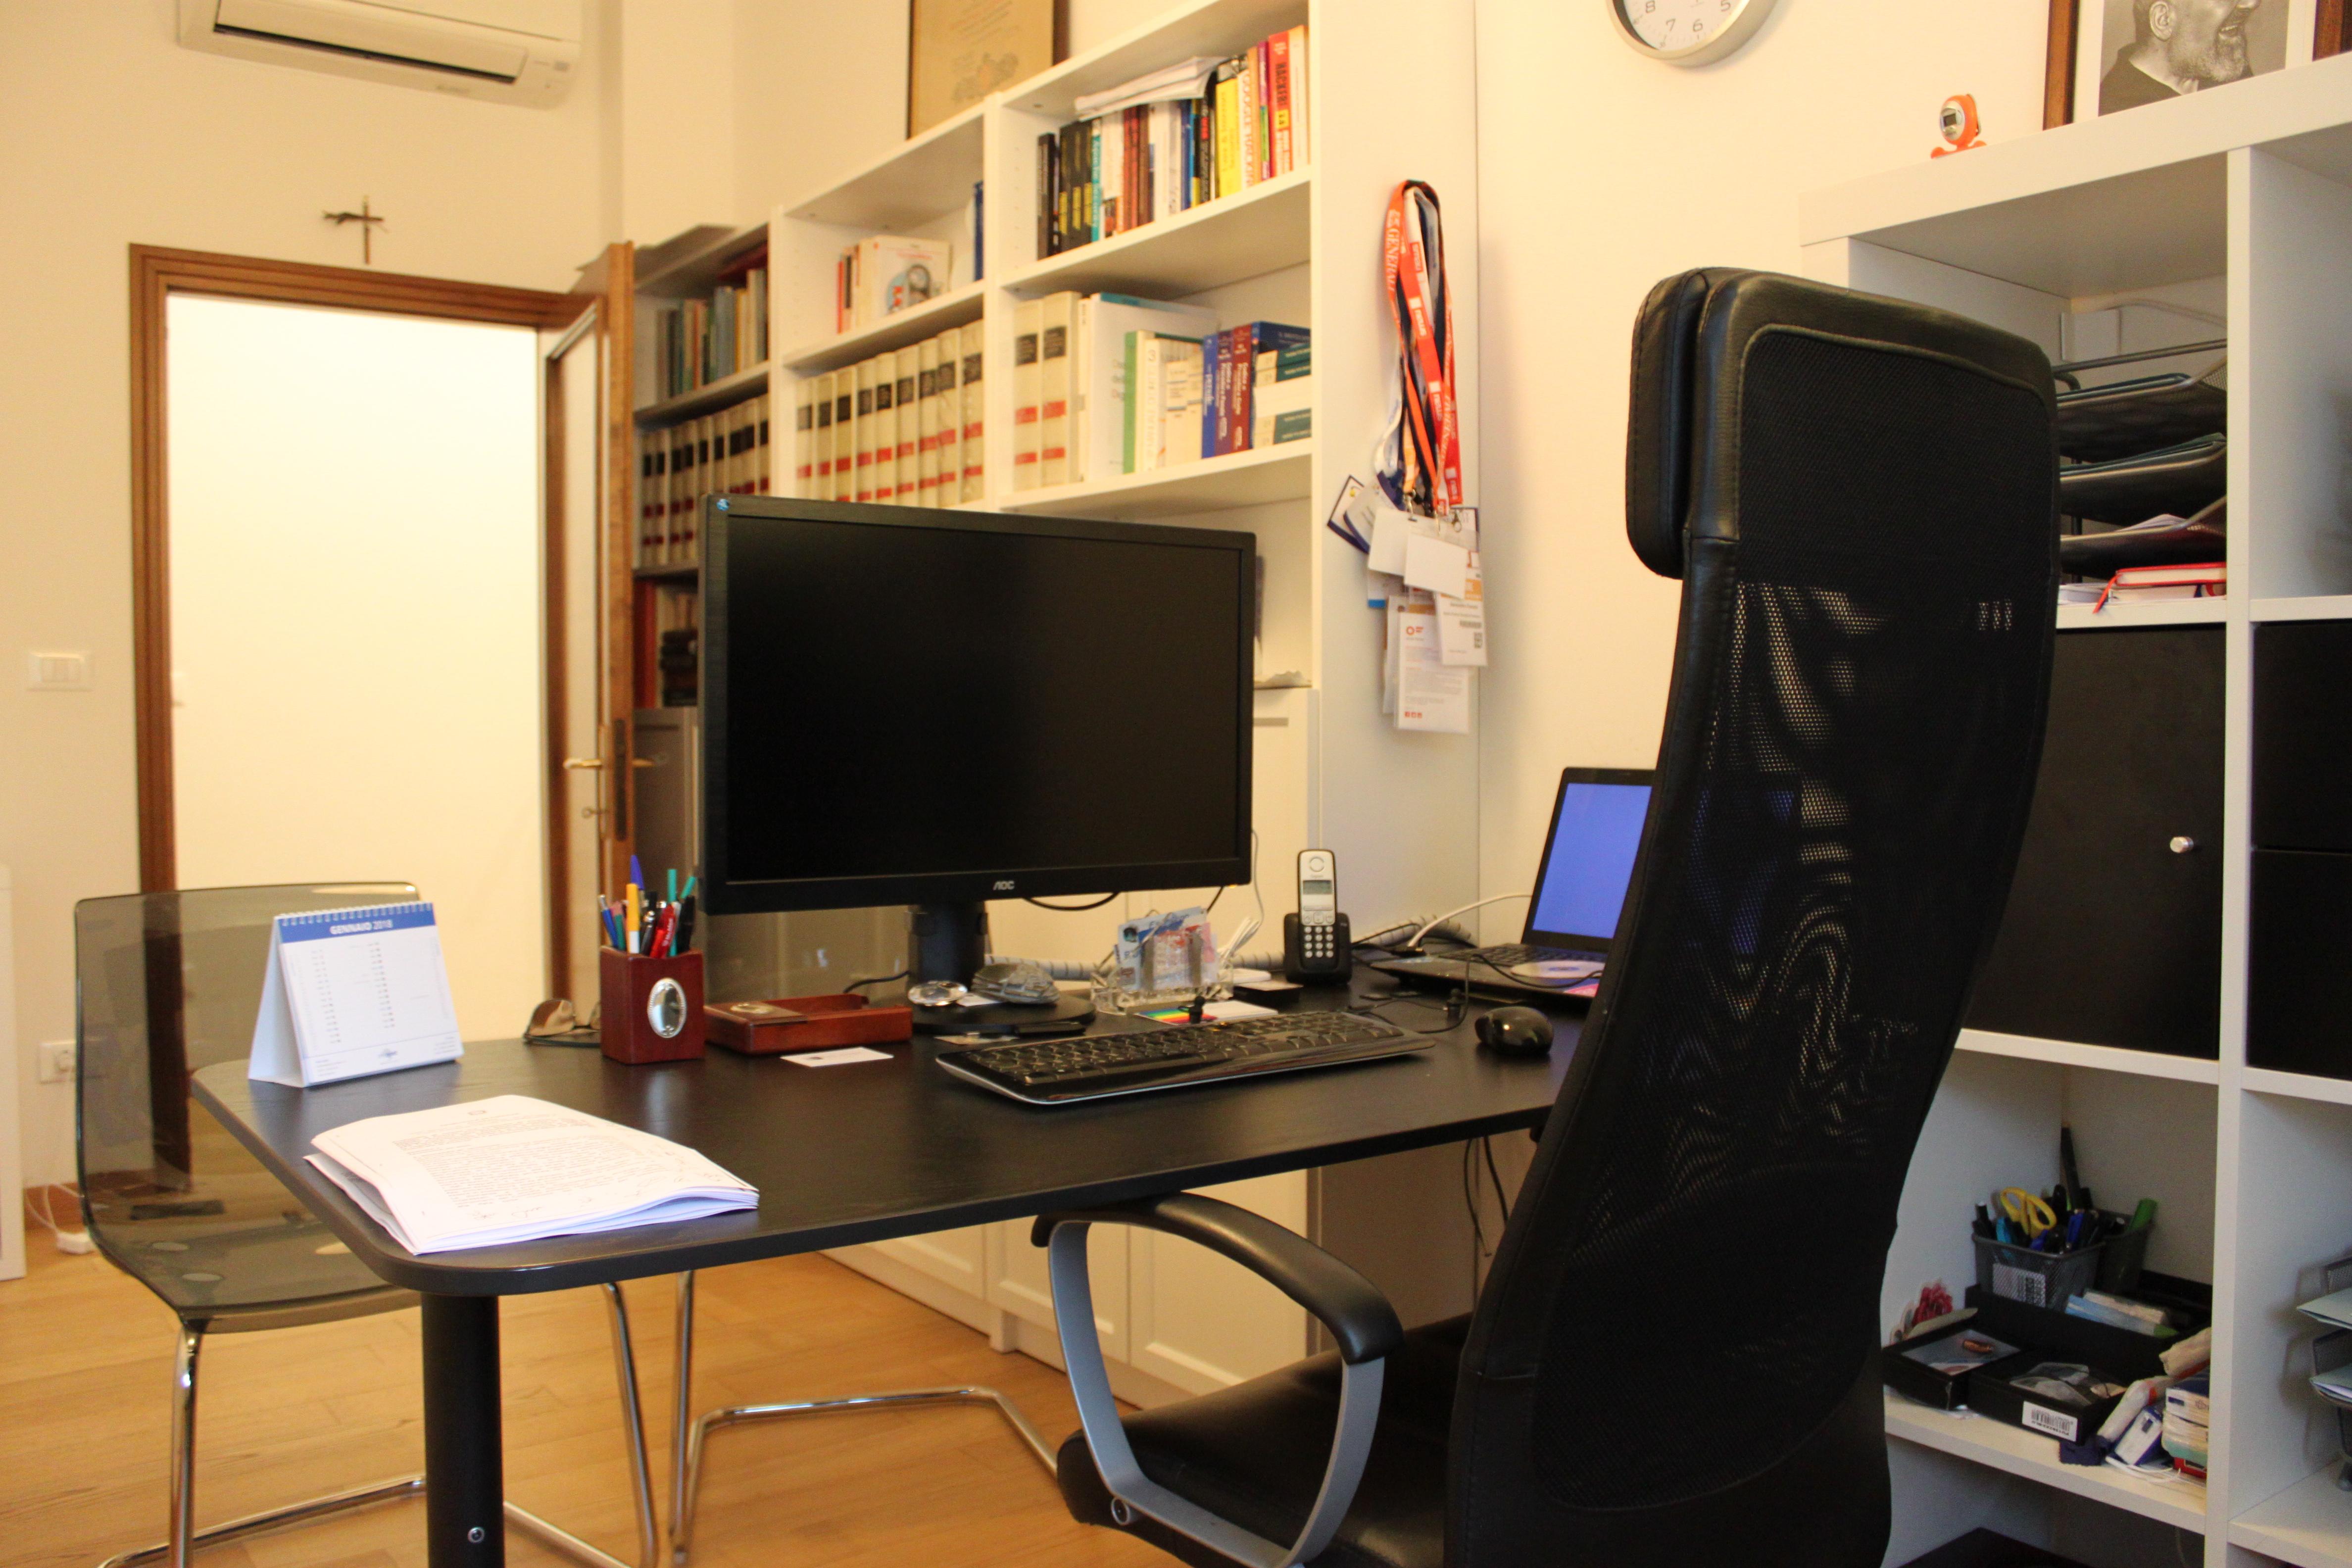 Studio Fiorenzi